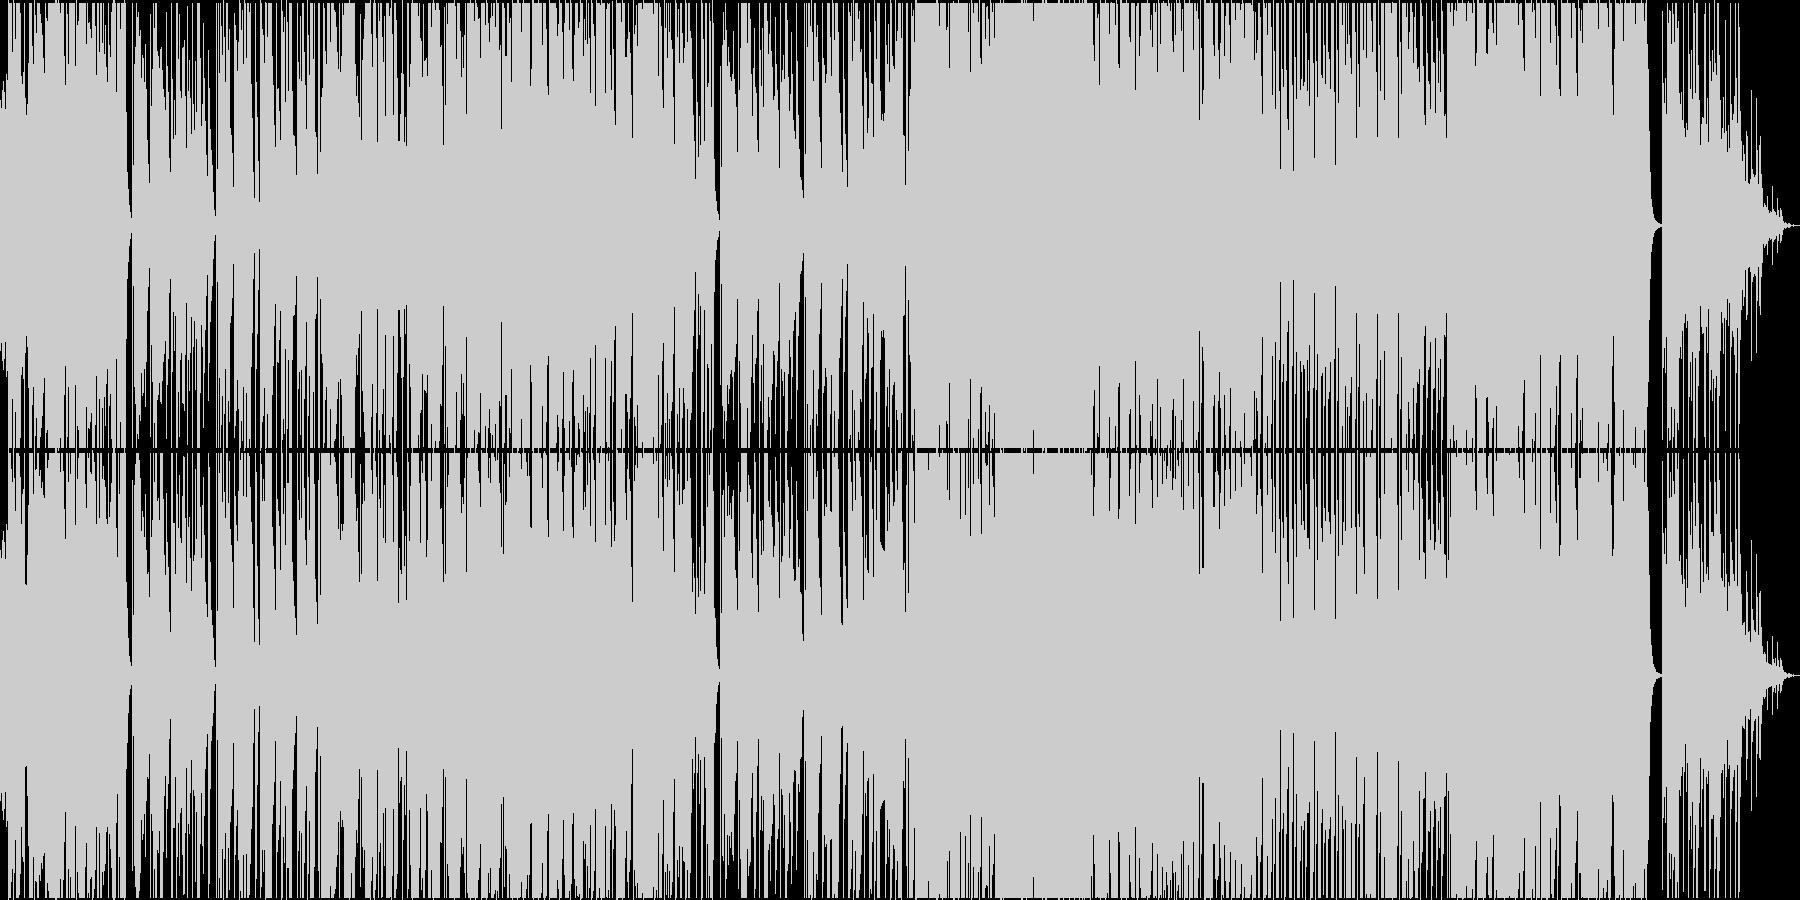 ポップス系パワーバラードの未再生の波形